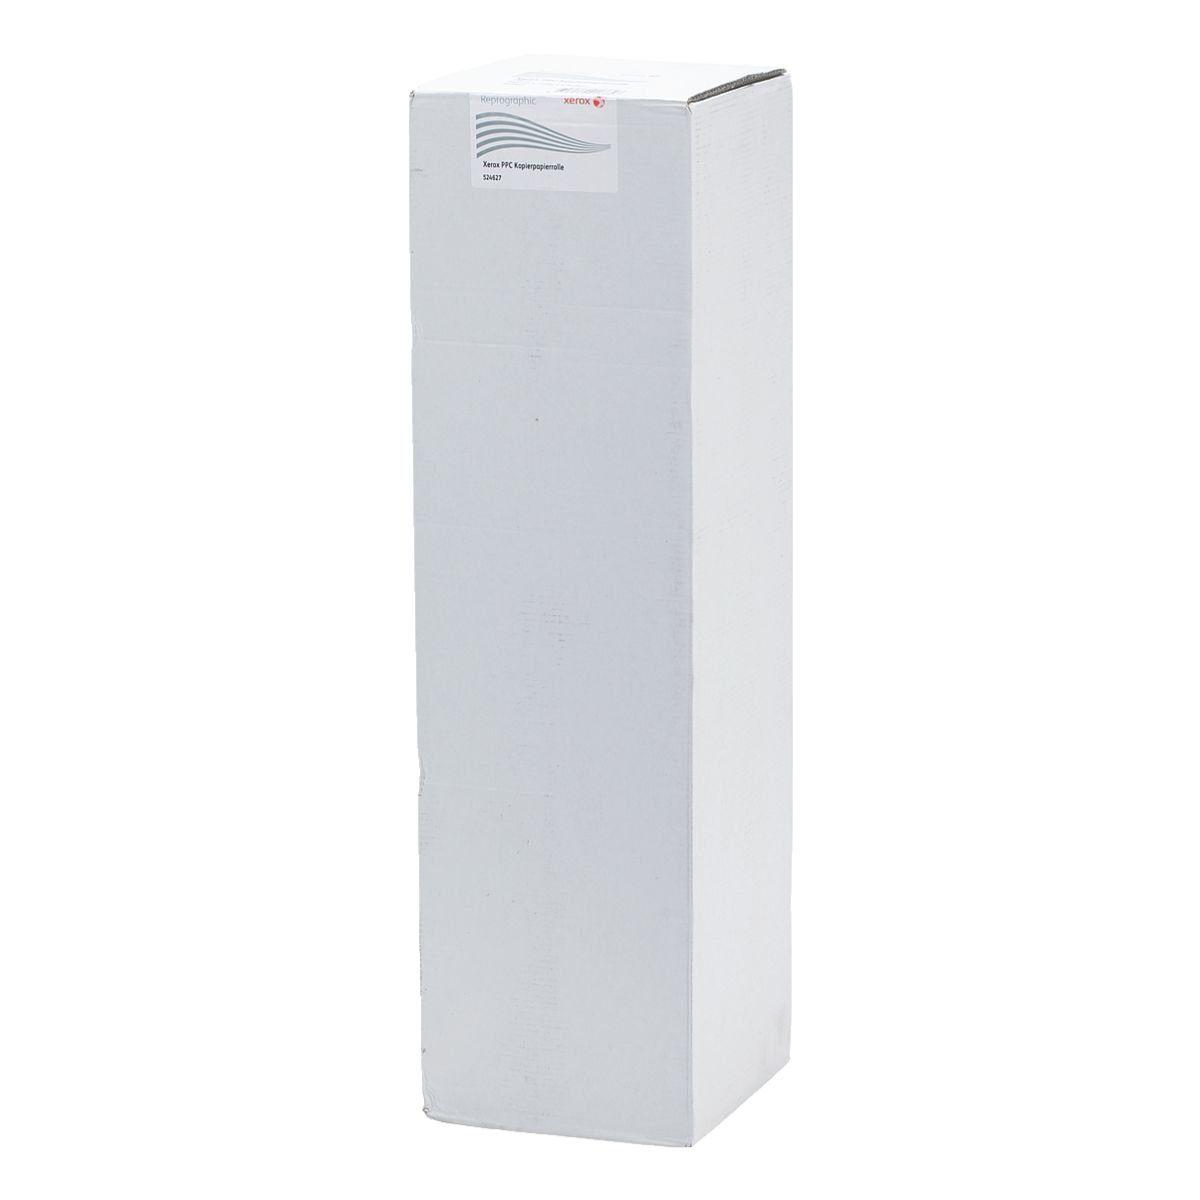 Xerox 2er-Pack Kopierpapierrolle 75 g/m² 297 mm x 175 m »40«